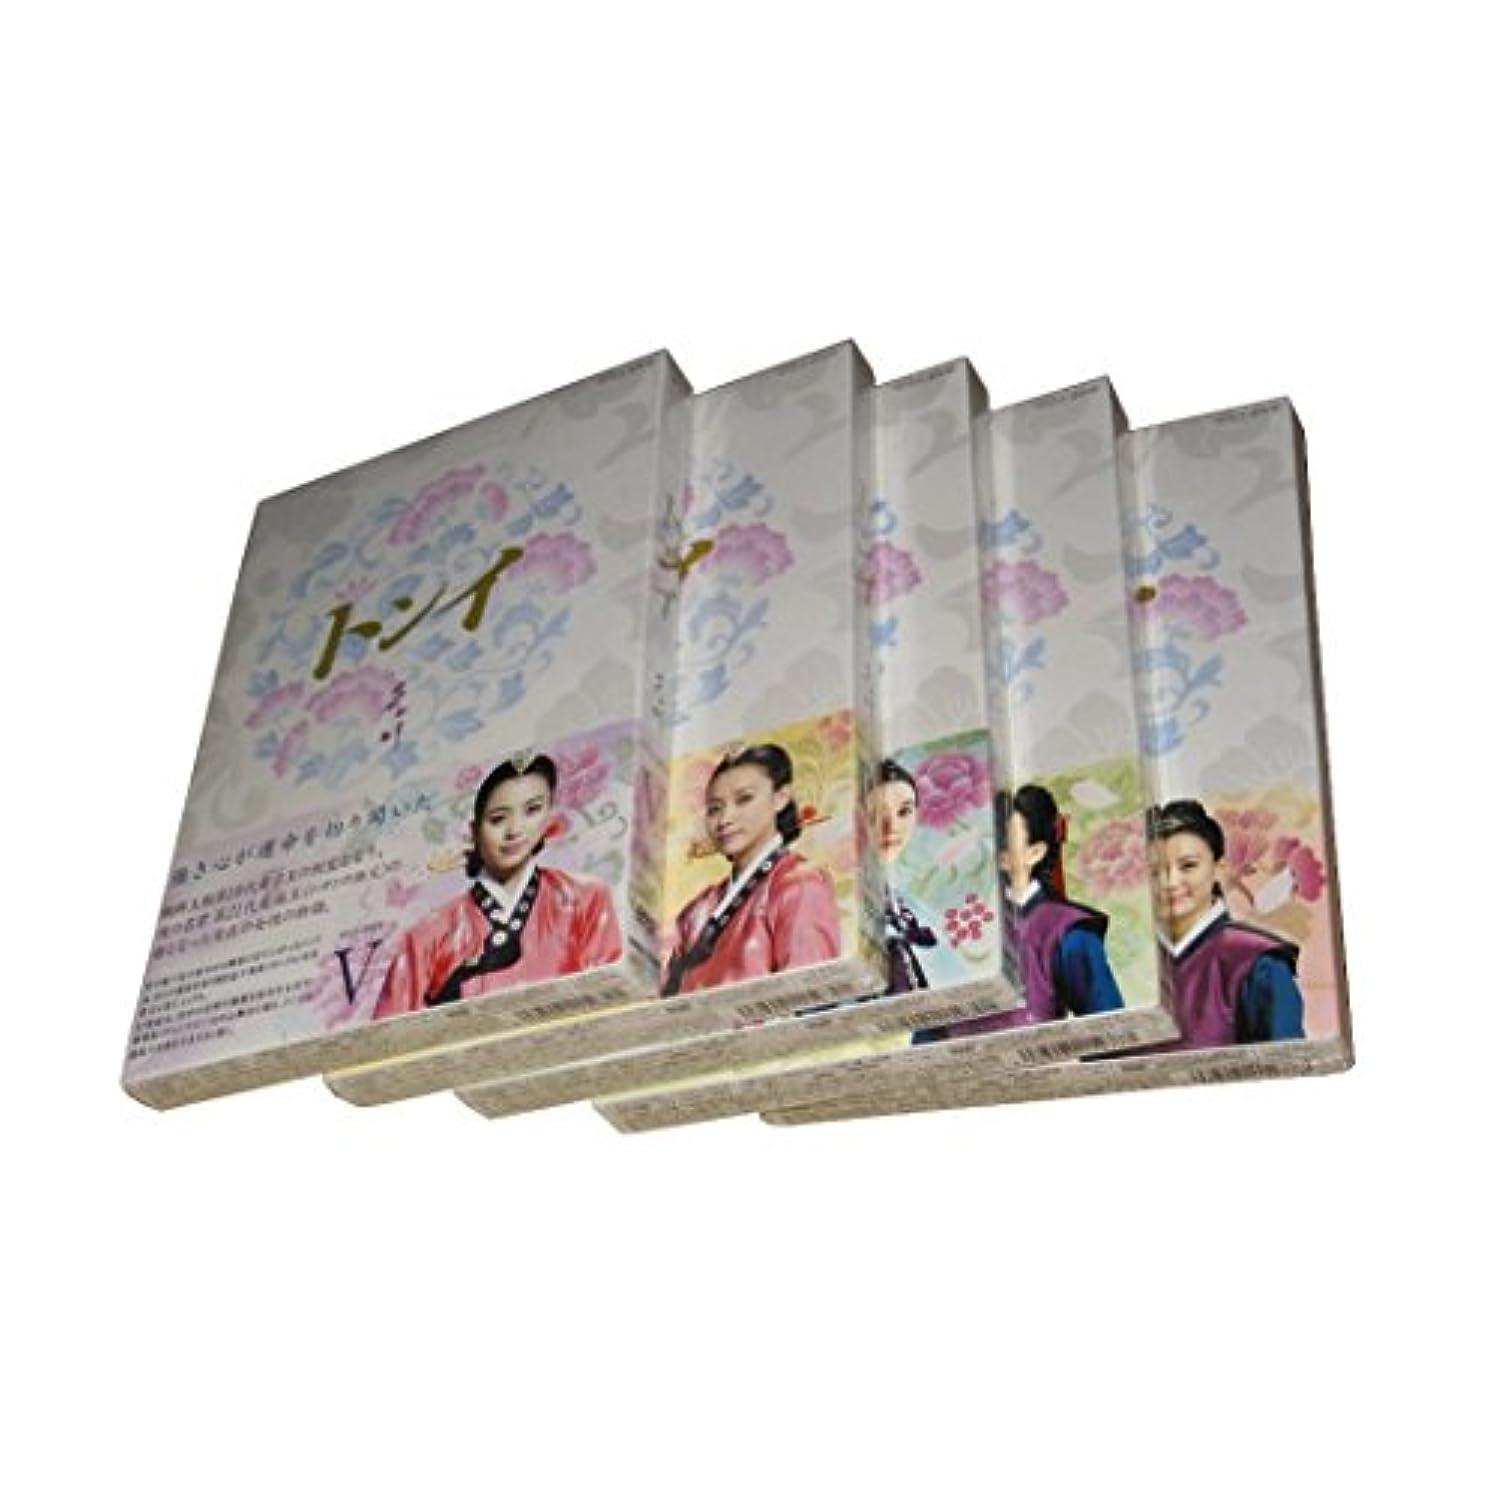 化粧動メニュートンイ BOX I~V BOX*5 2012 主演: ハン?ヒョジュ